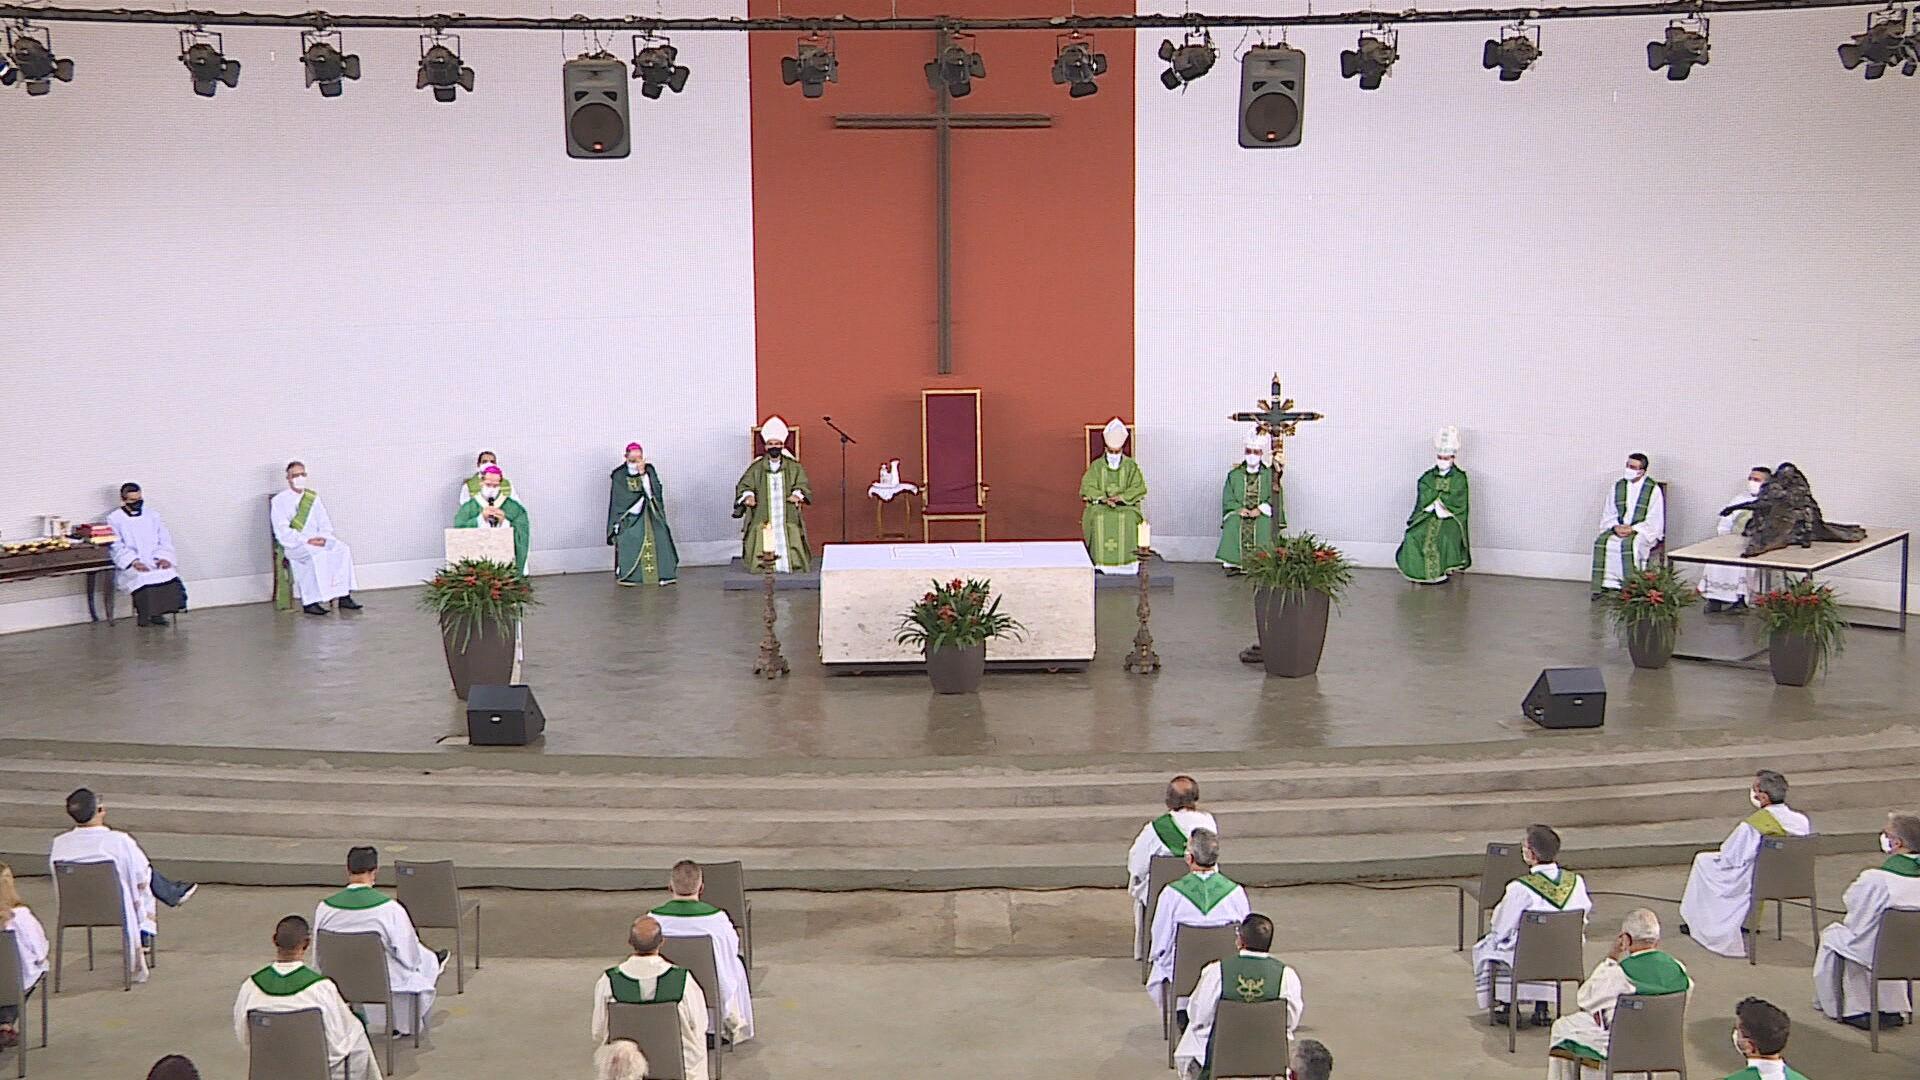 Sínodo: Igreja Católica abre consulta e fiéis podem opinar sobre futuro da instituição